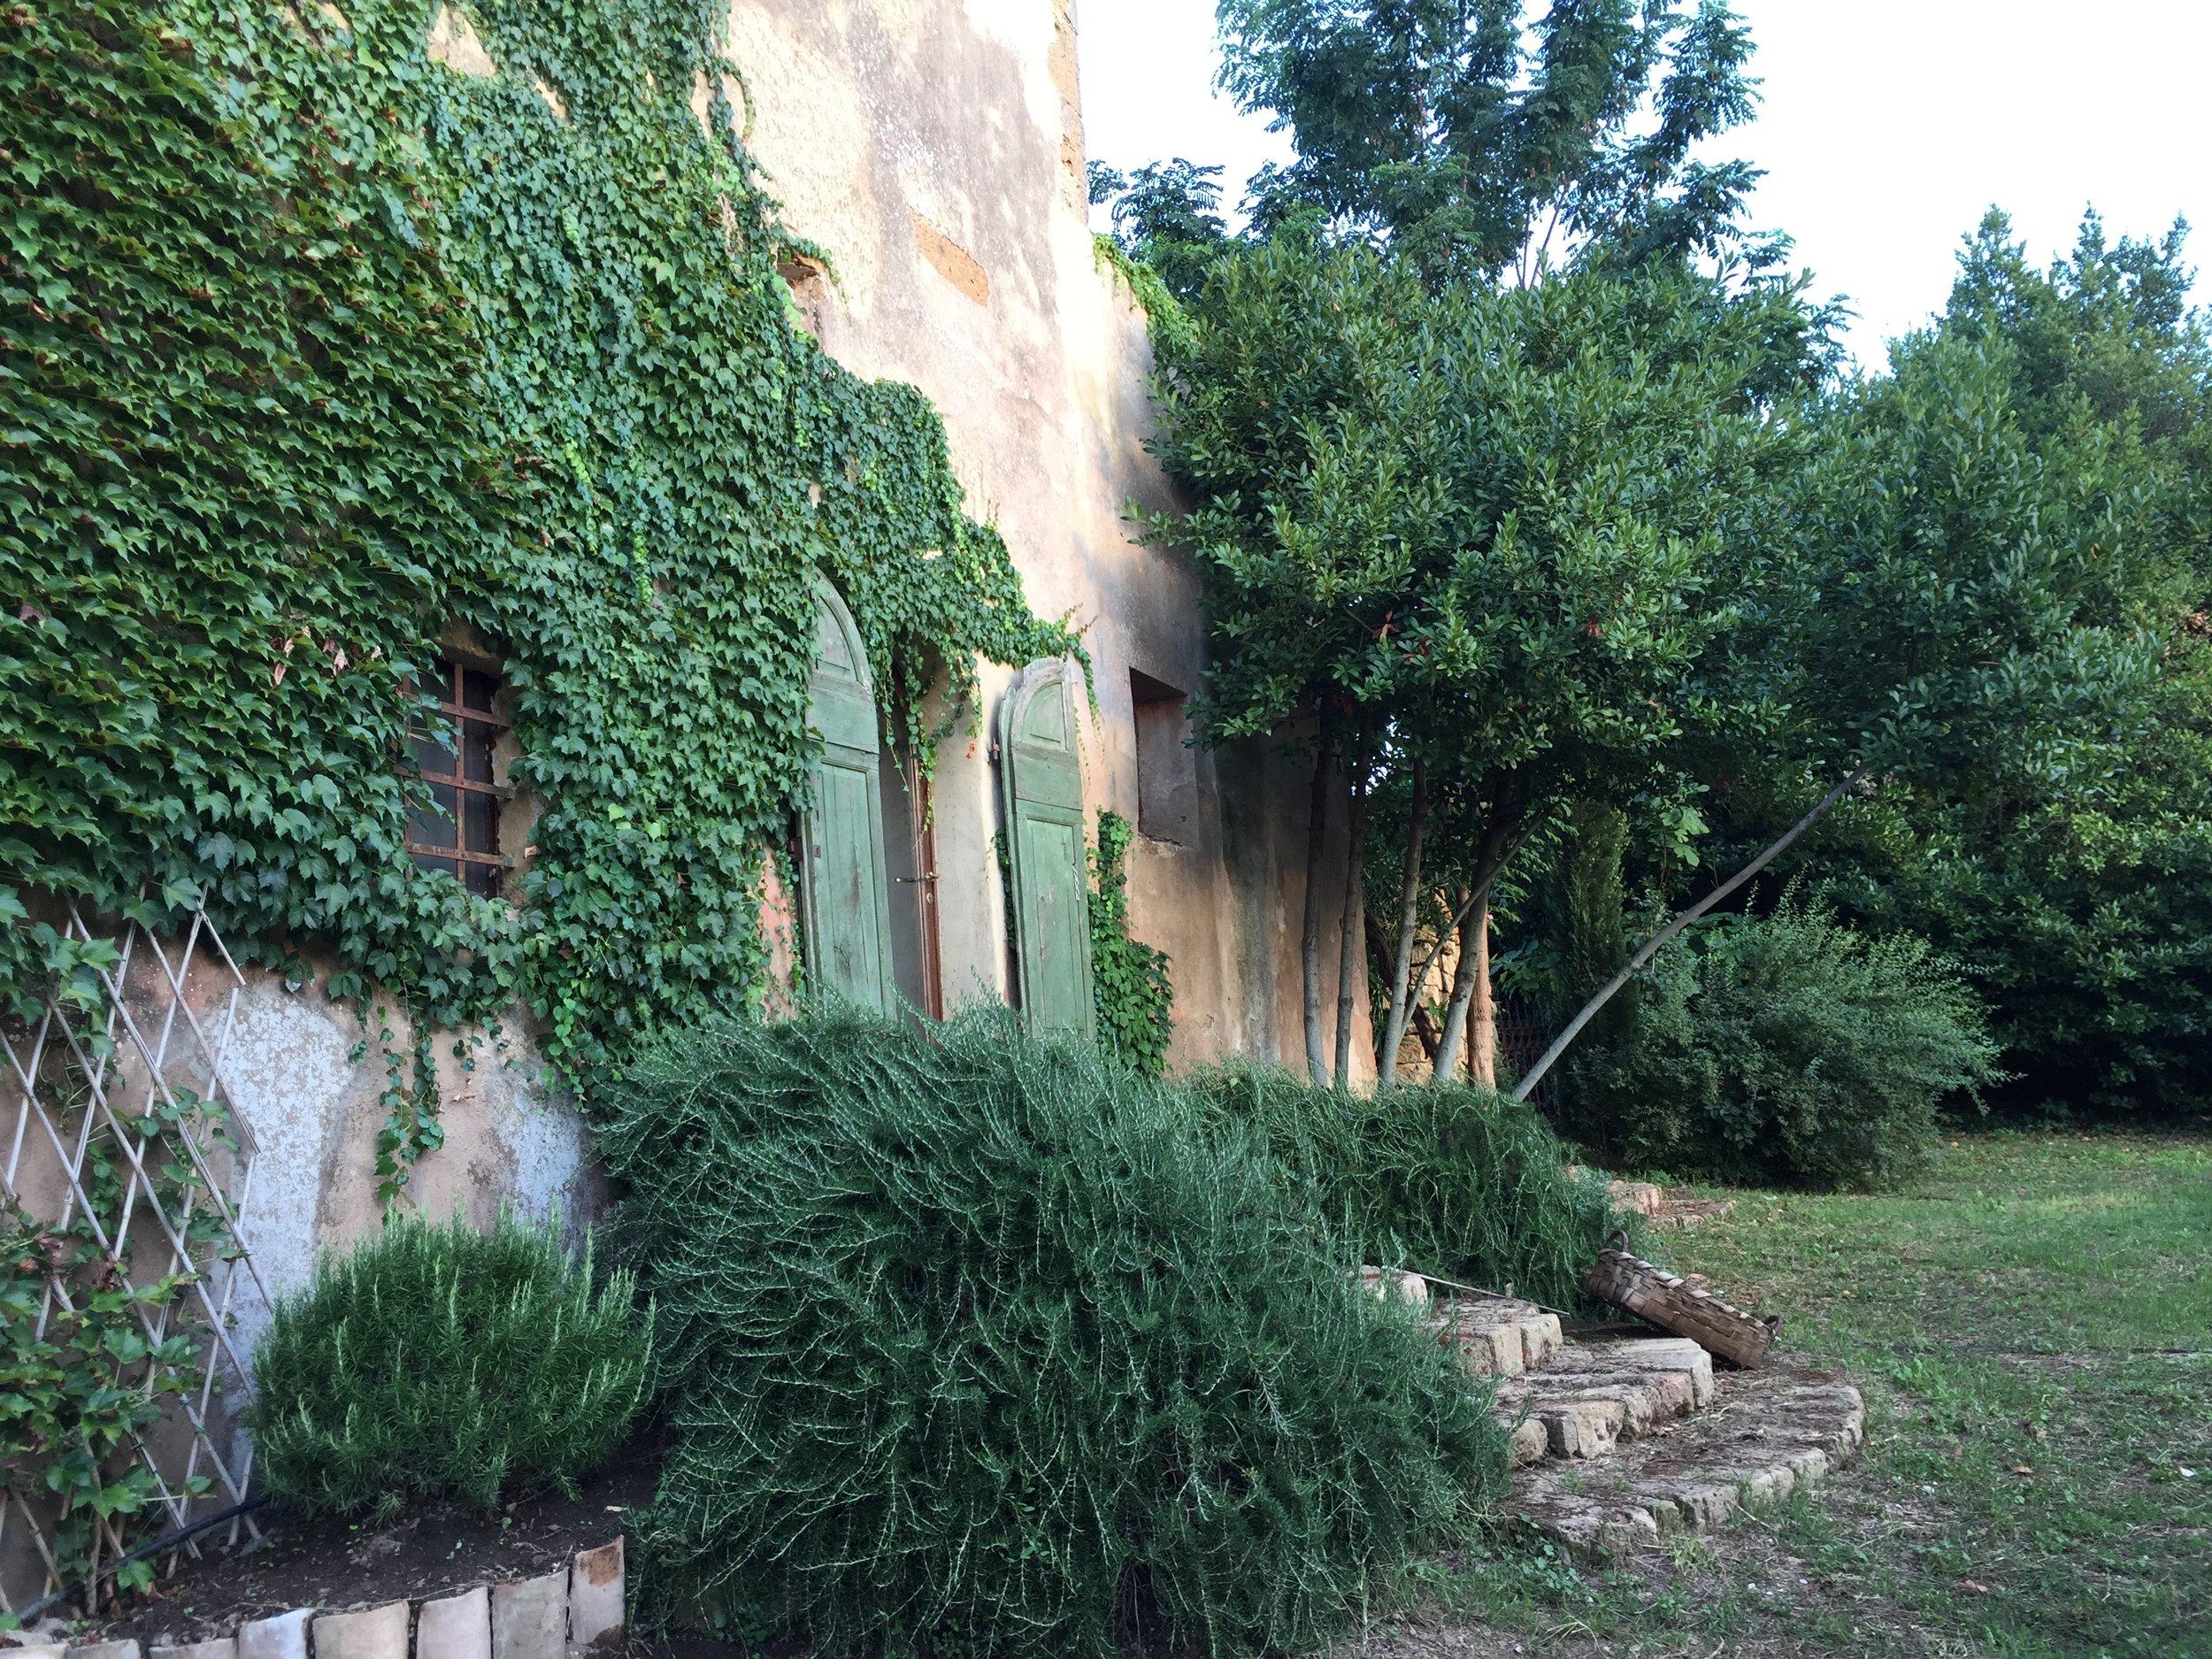 Garden Venetia - 1 of 38 (21).jpg